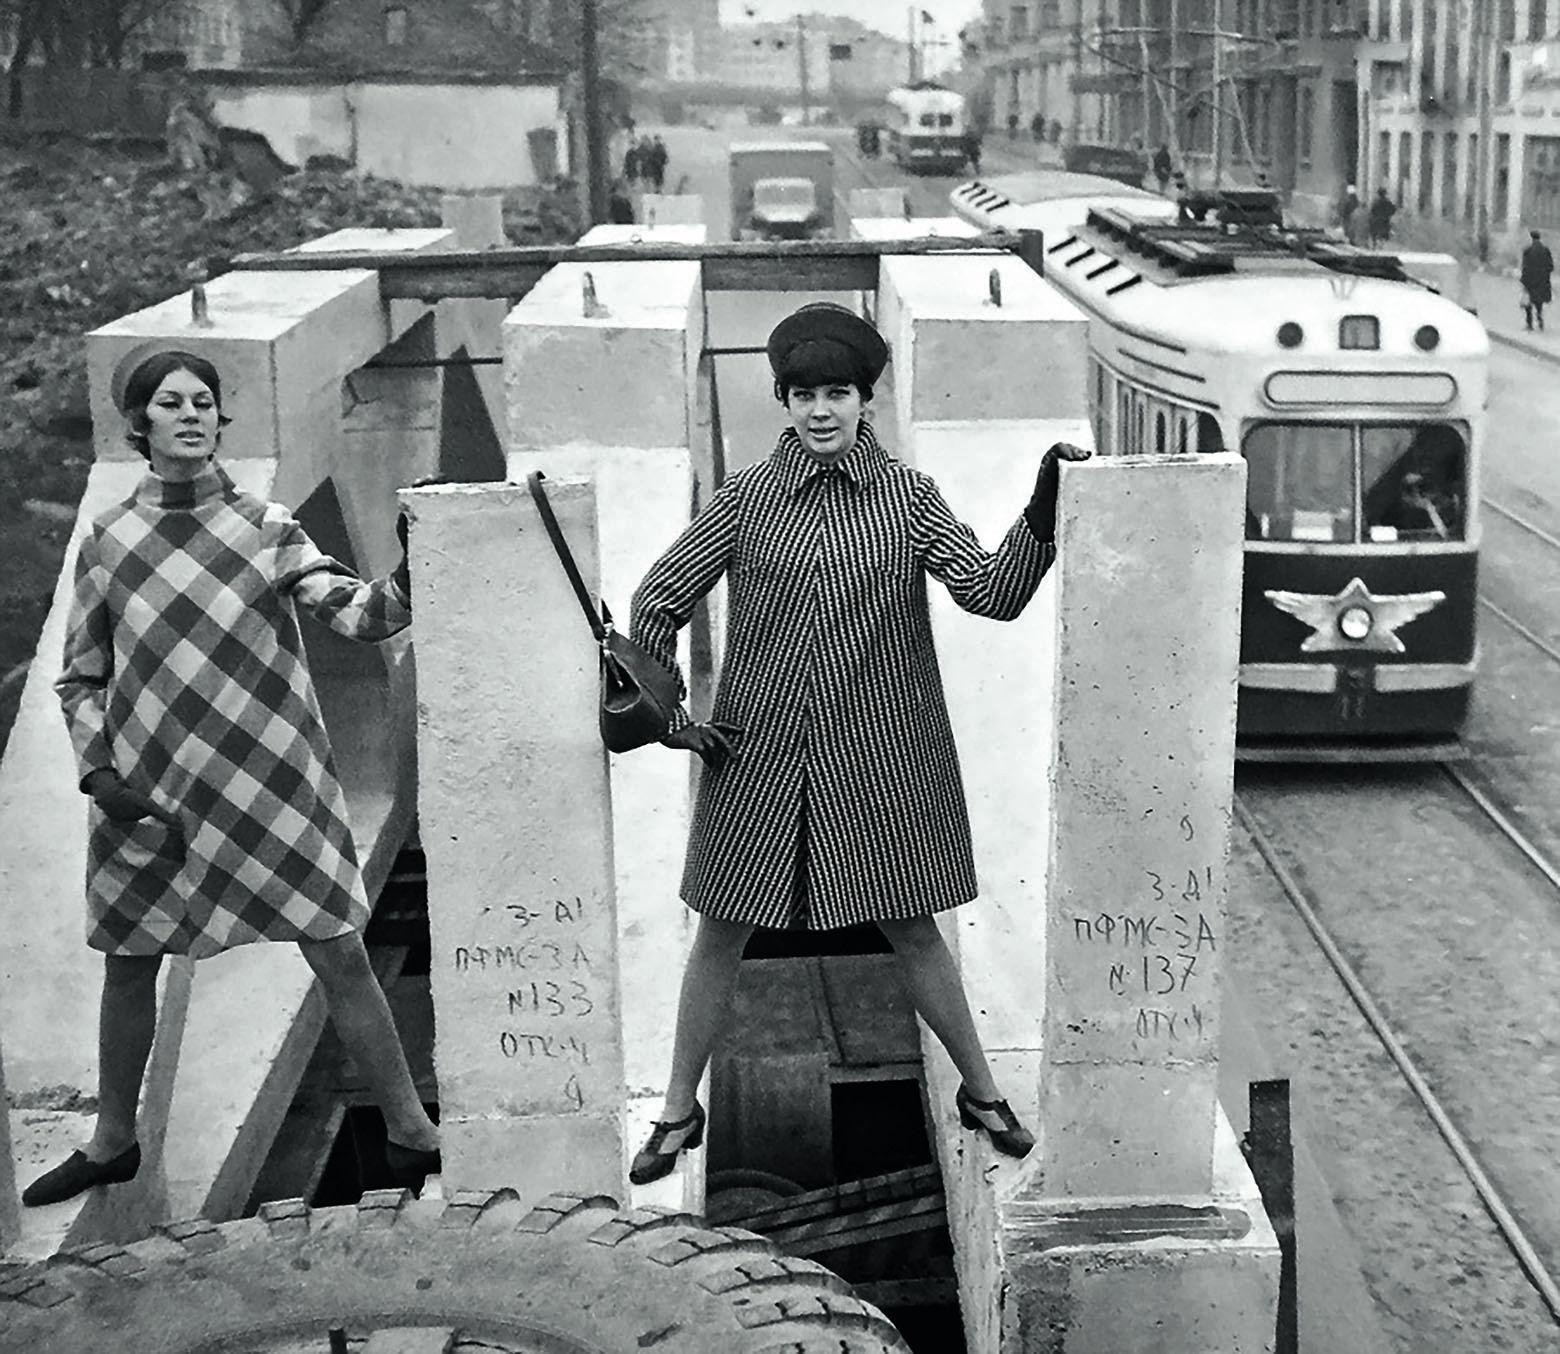 Дефиле минских манекенщиц на полуприцепе перевозок железобетонных изделий, 1965 год.